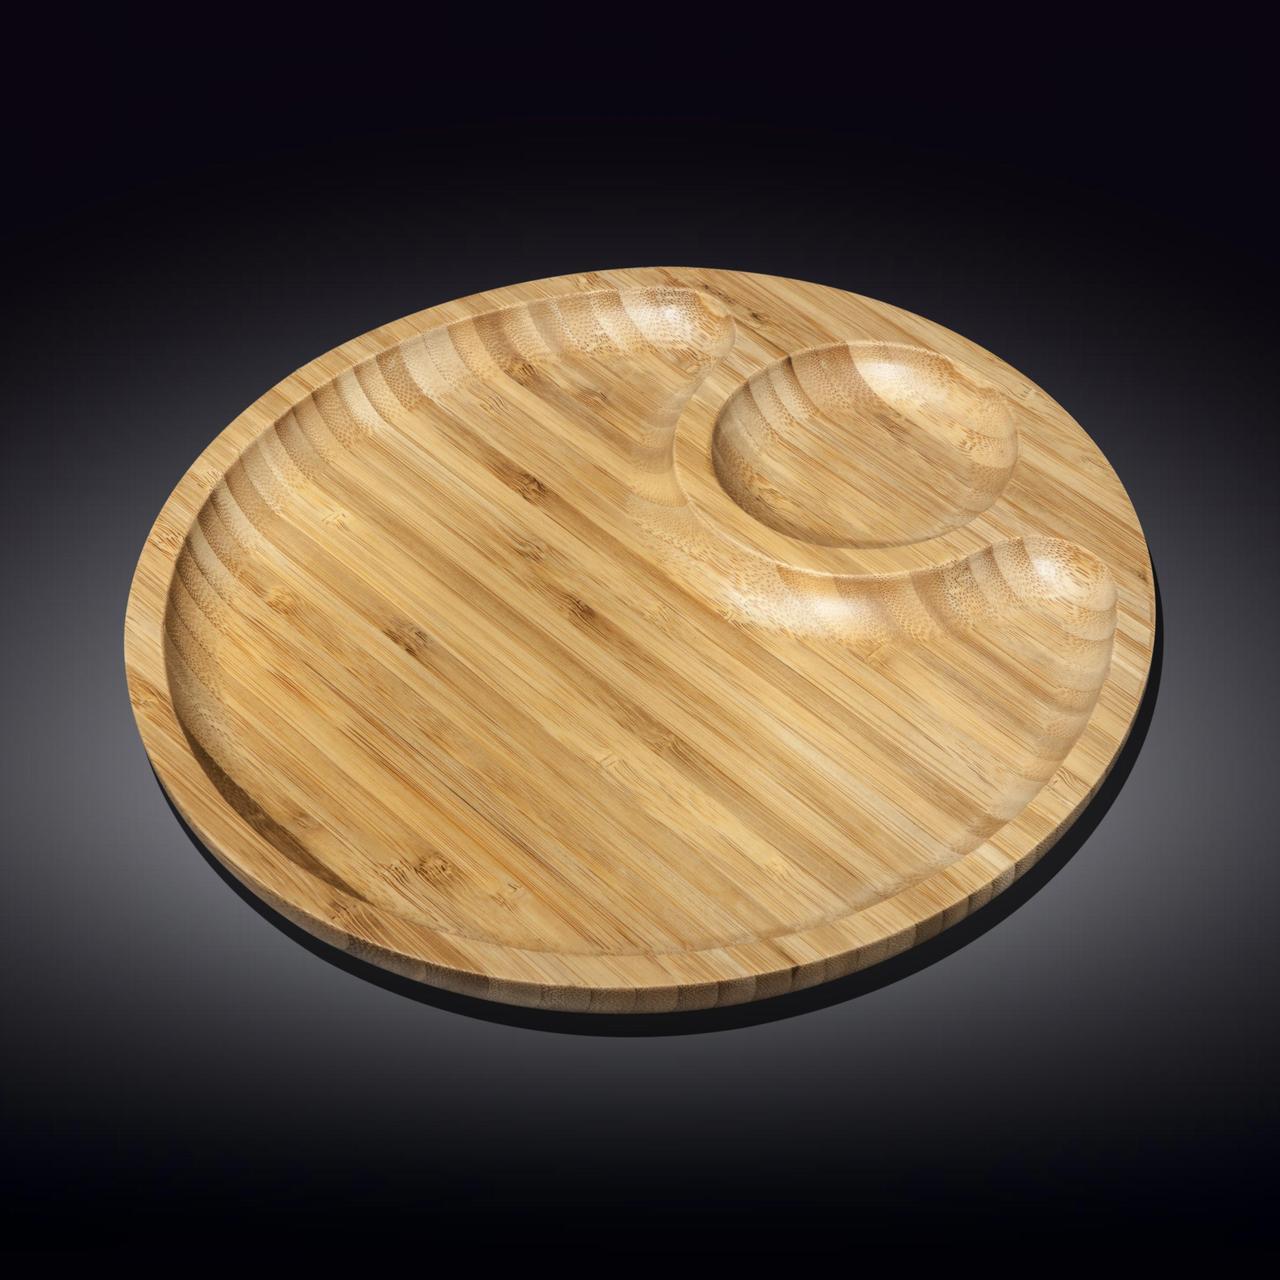 Сервировочное блюдо 30,5 см Wilmax бамбуковое круглое 2-х секционное